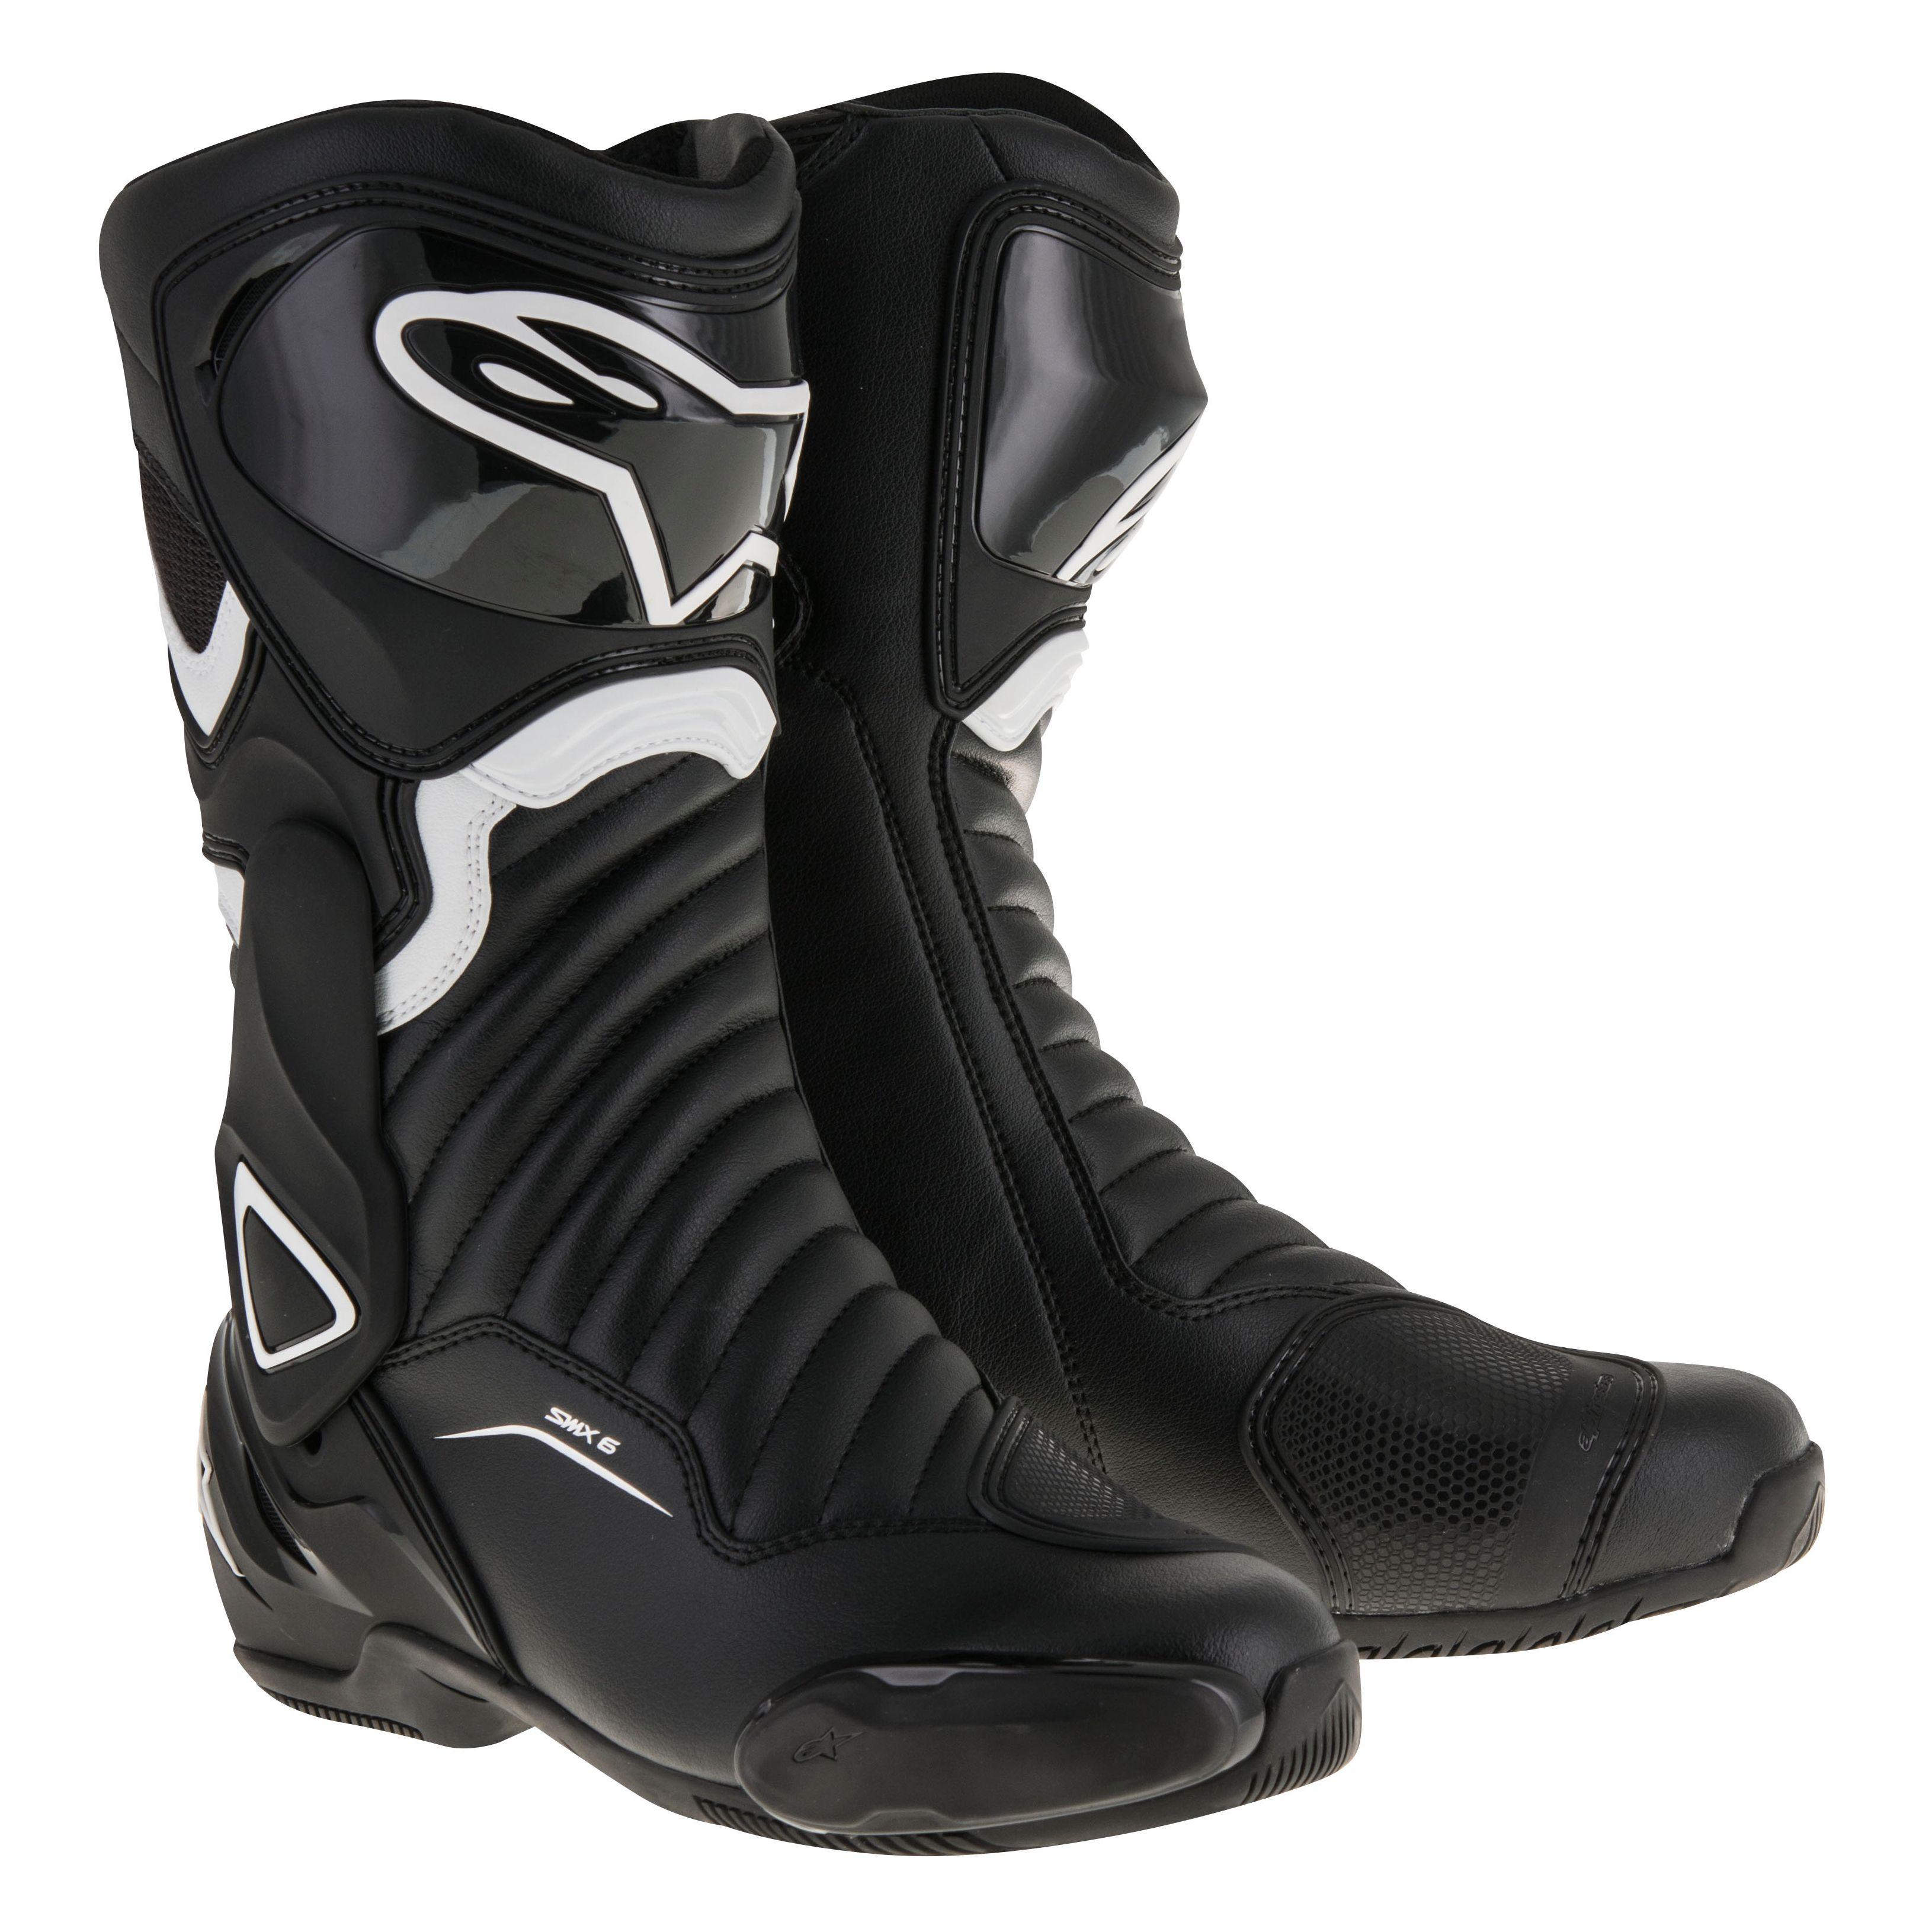 bottes alpinestars stella smx 6 v2 black white bottes et chaussures. Black Bedroom Furniture Sets. Home Design Ideas